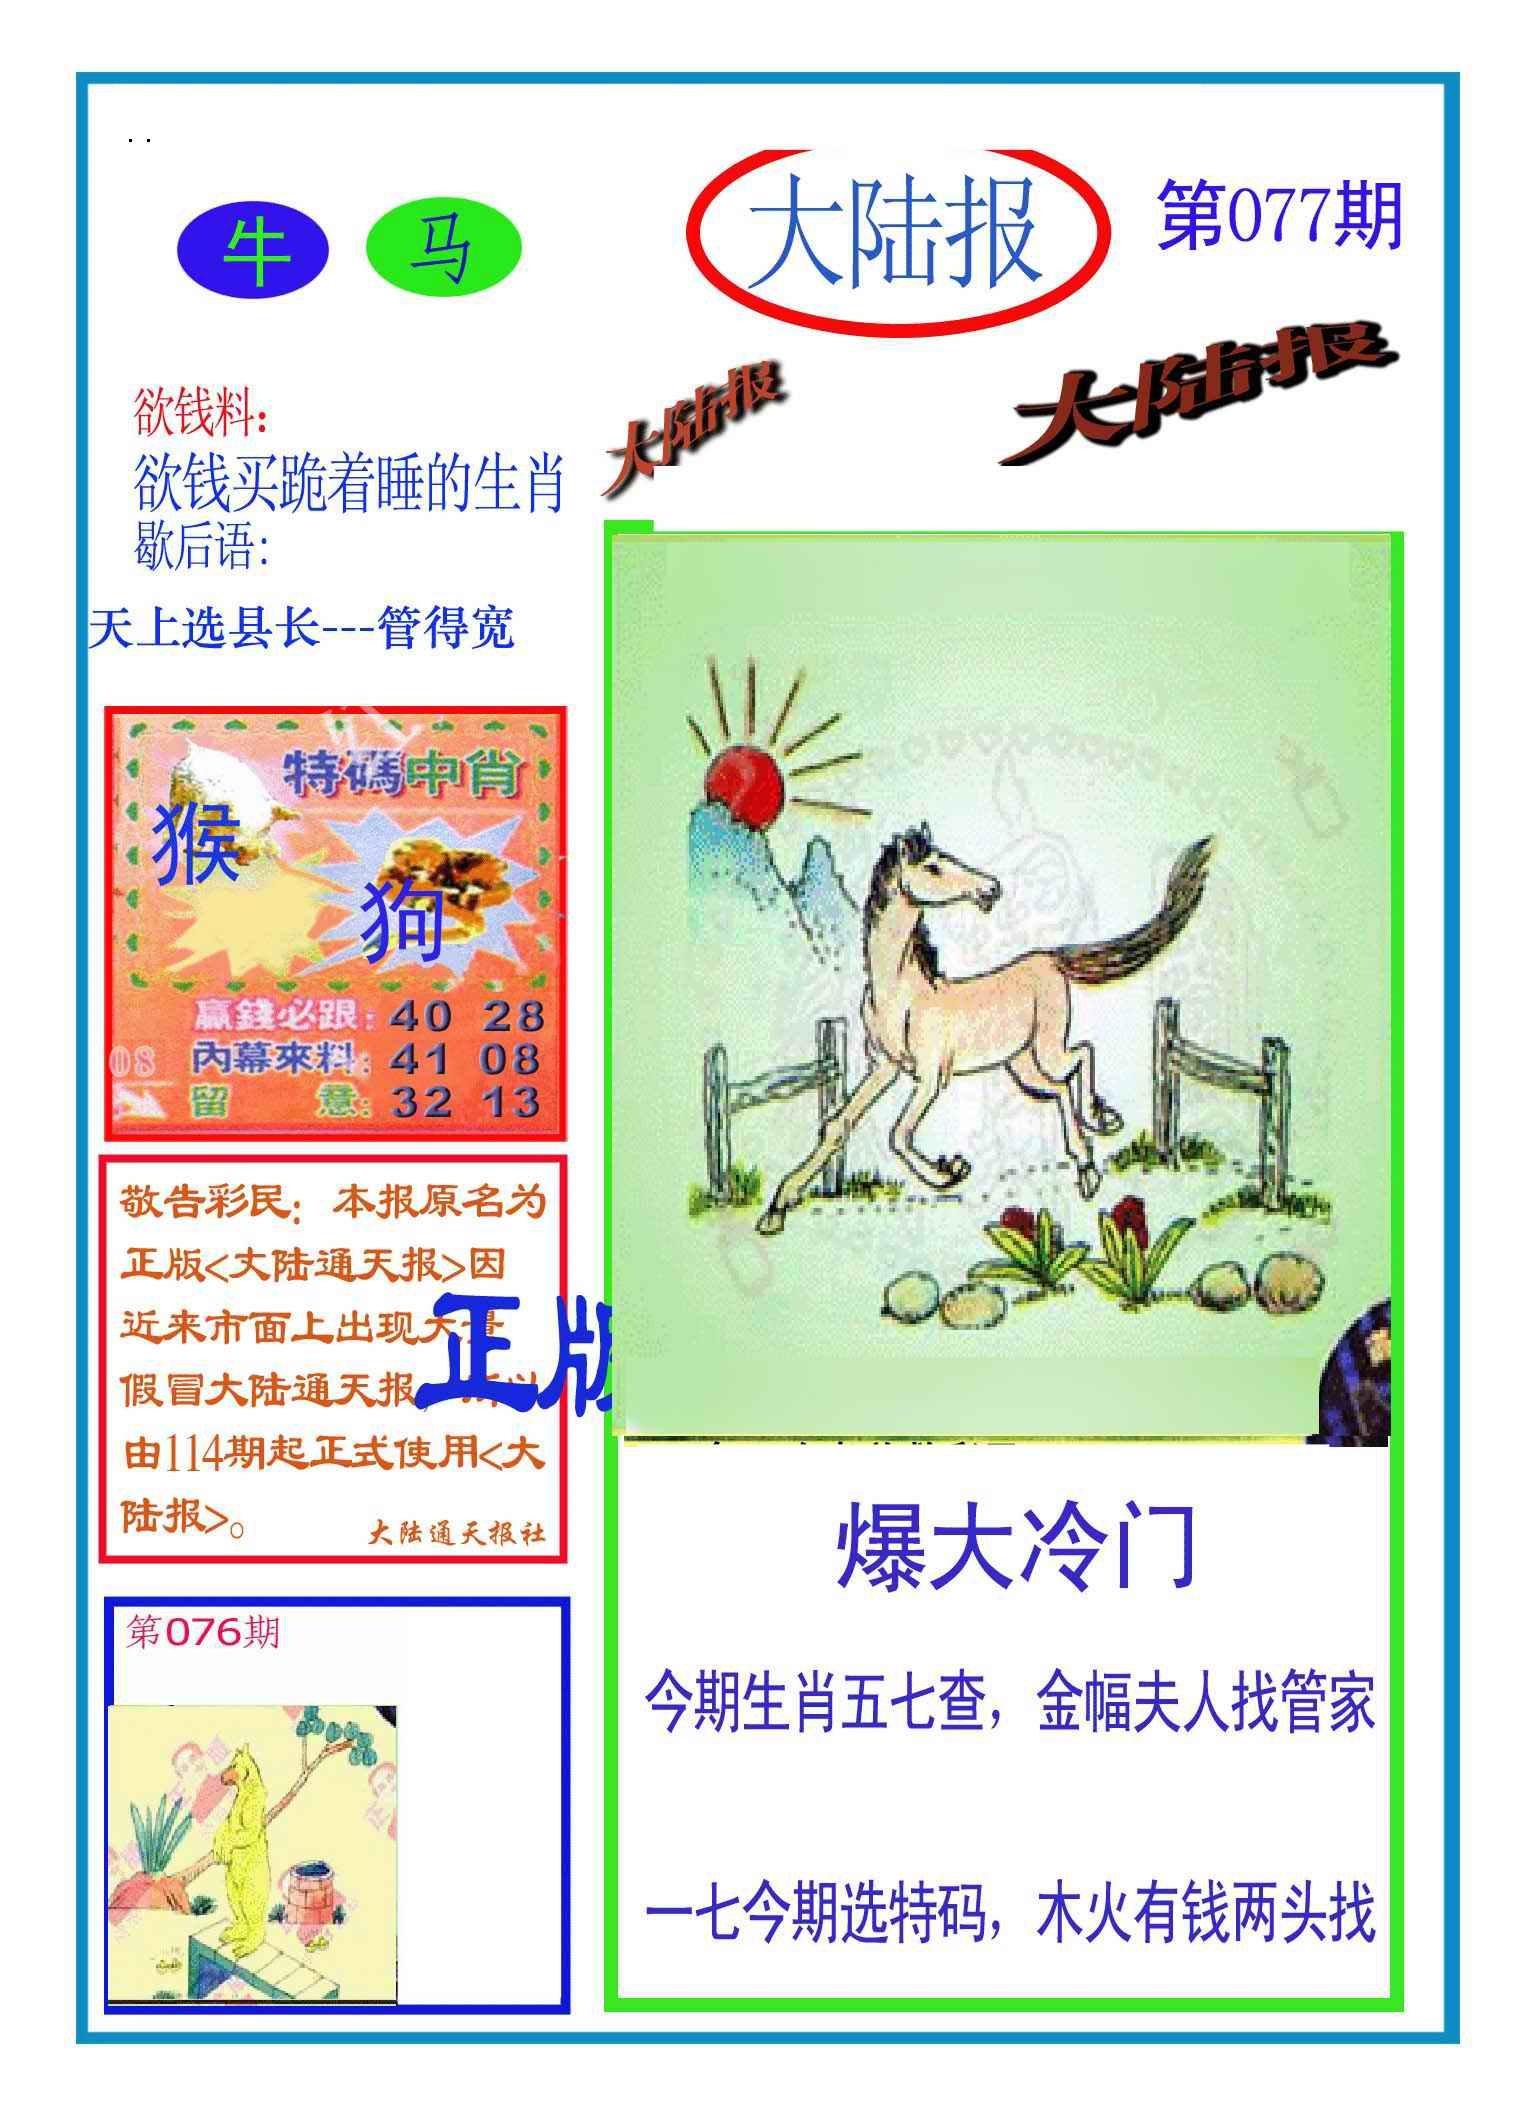 077期大陆报(新图)